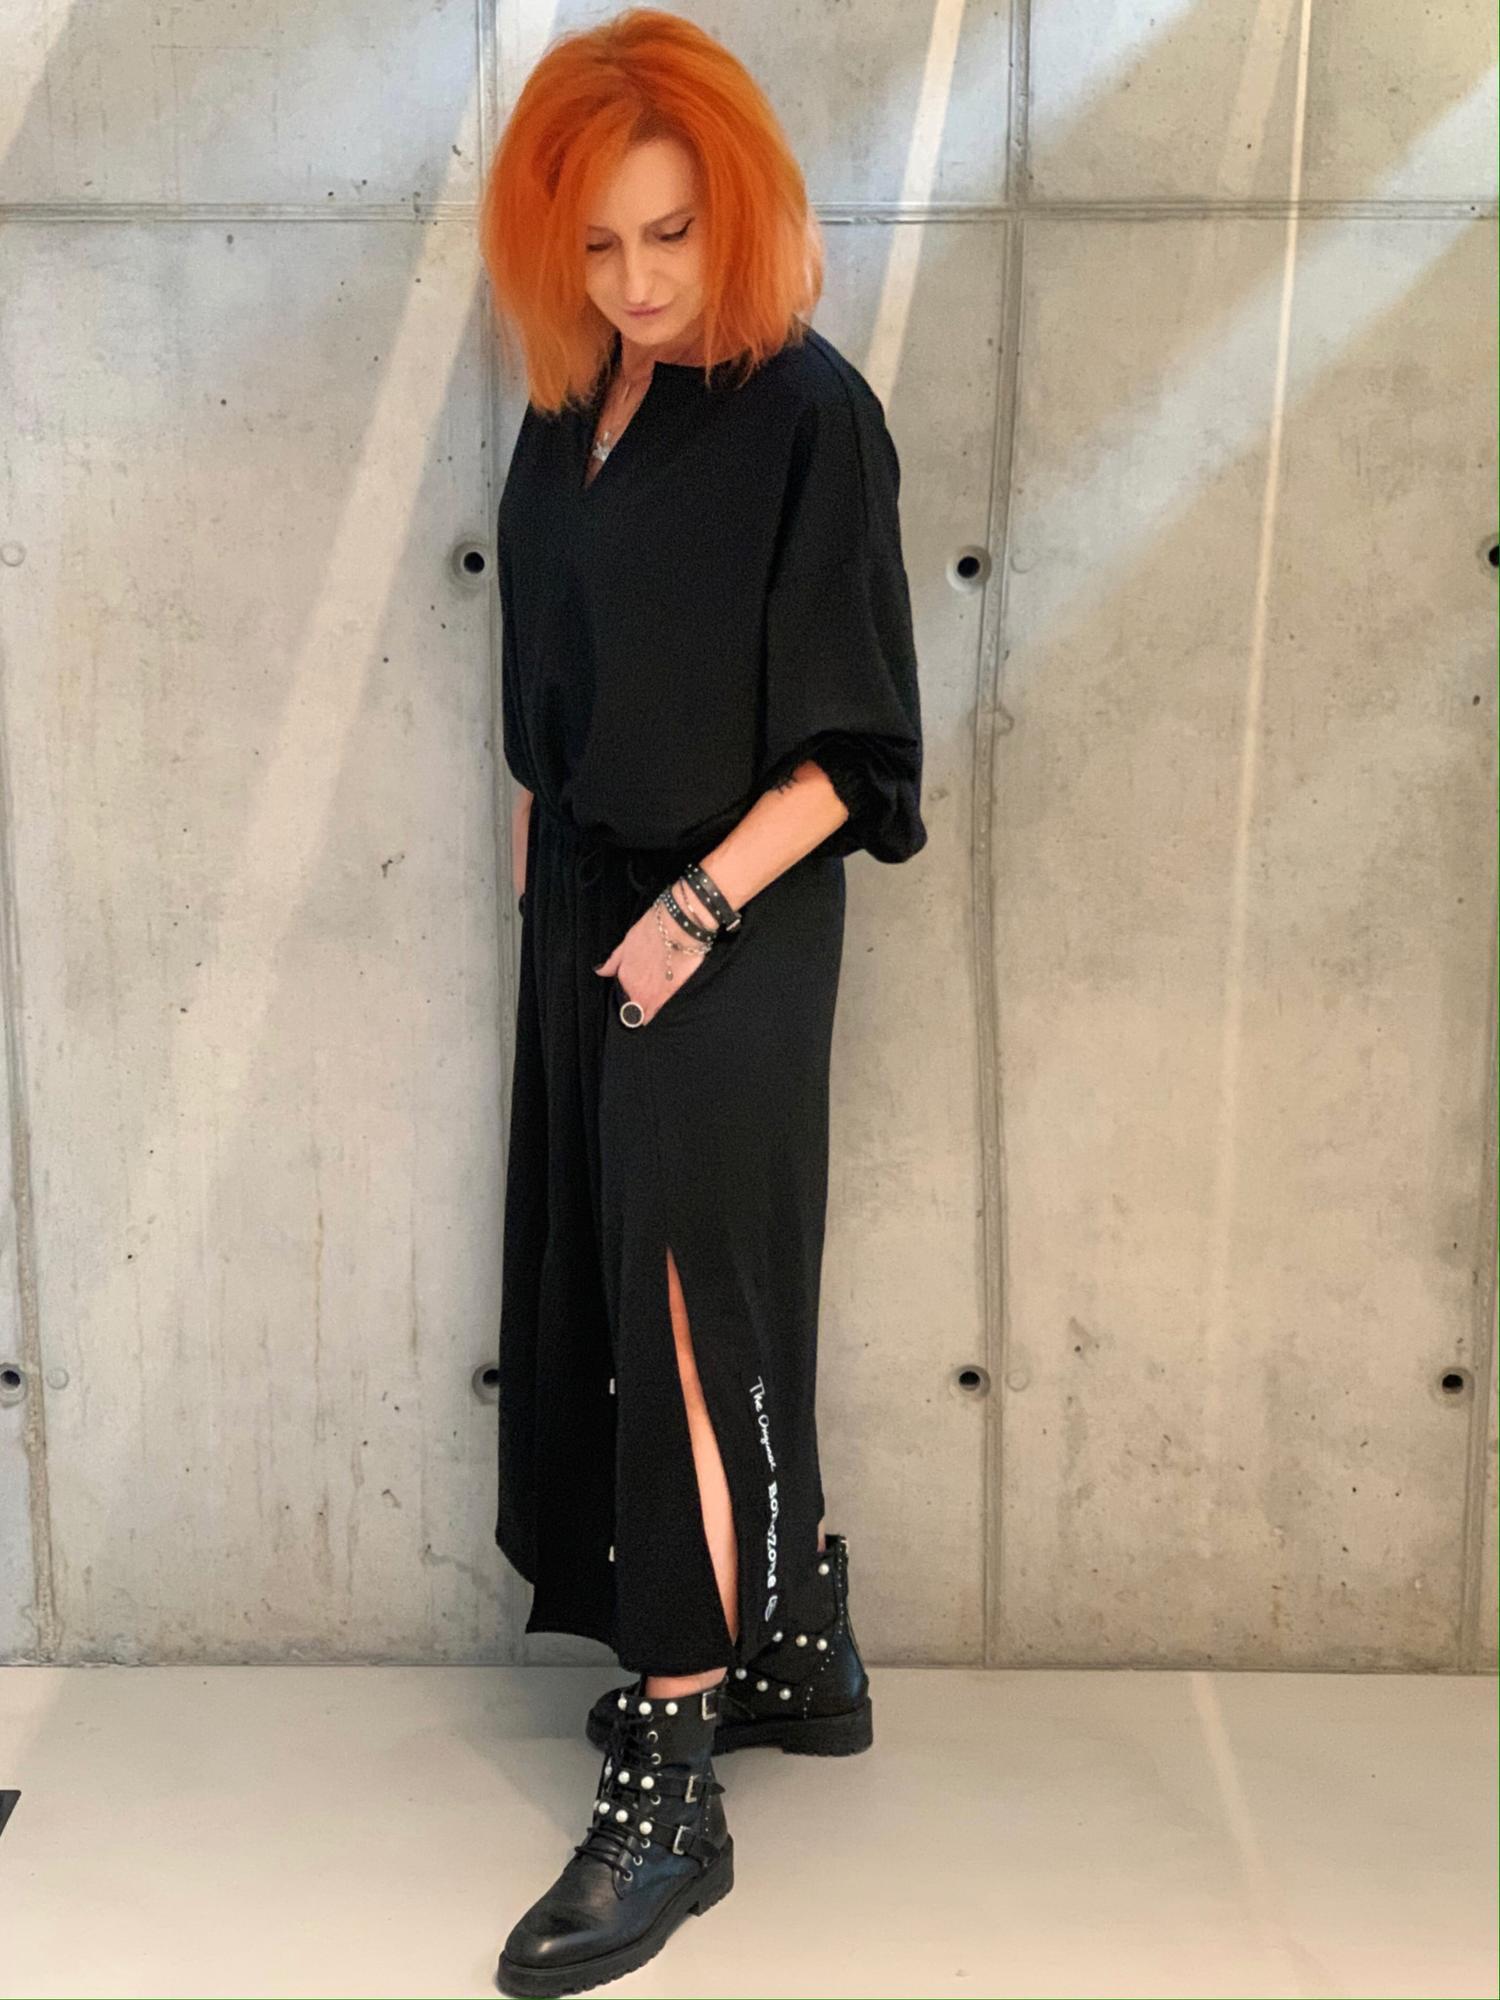 Black Power - sukienka - BohoZone | JestemSlow.pl